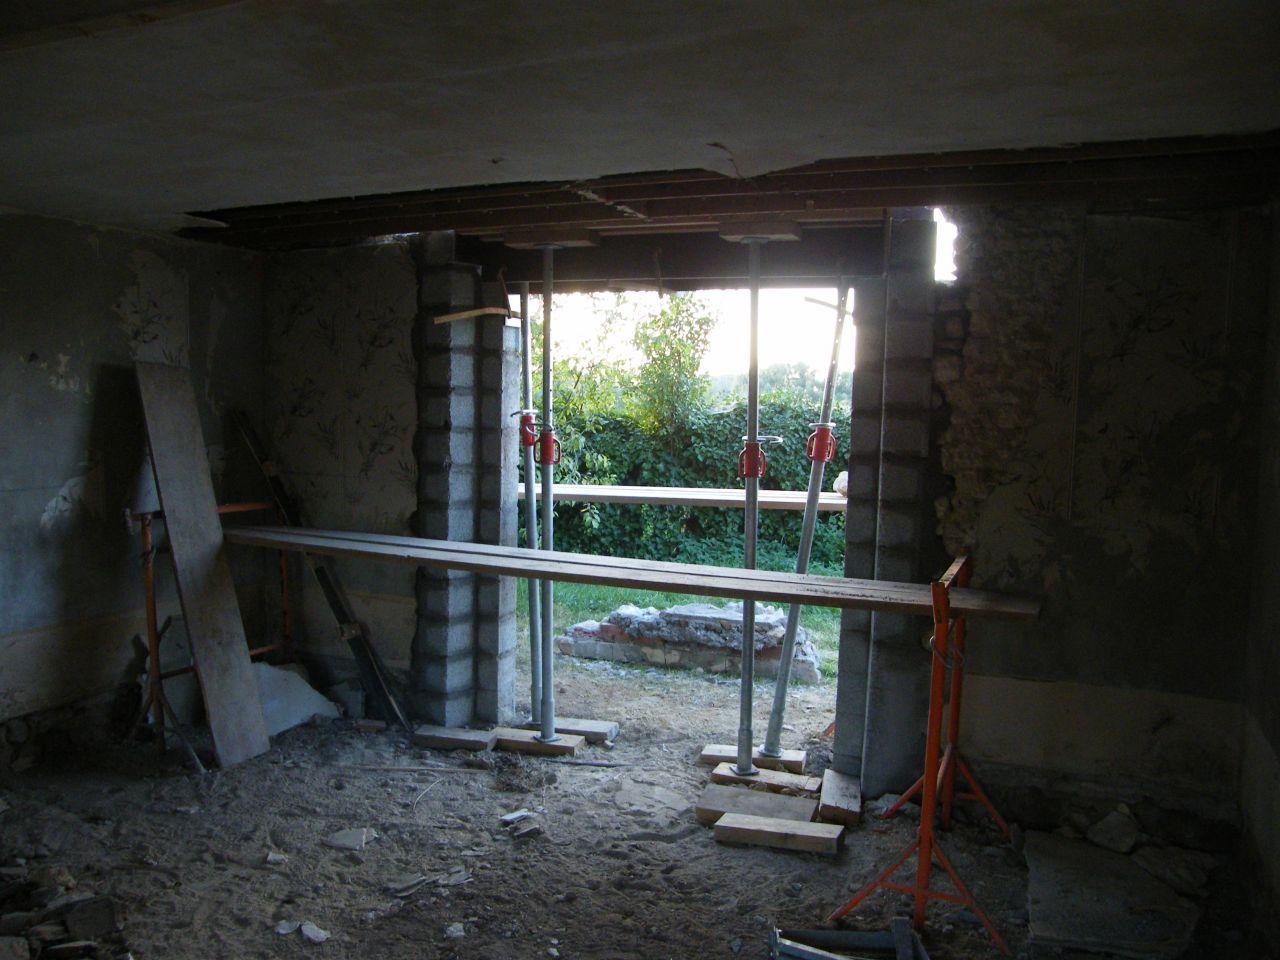 Modification d'une fenêtre en baie vitrée: état en cours de travaux